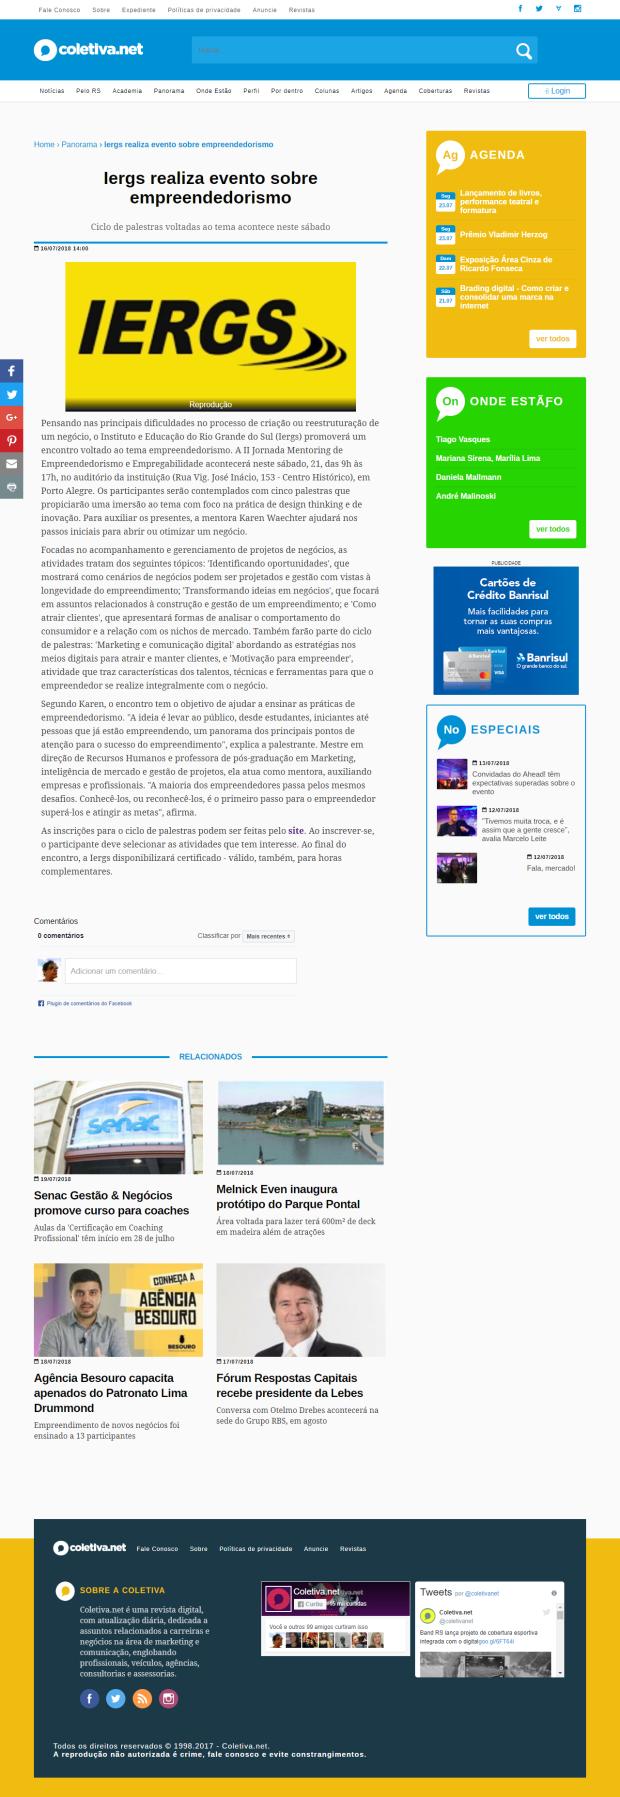 screencapture-coletiva-net-panorama-iergs-realiza-evento-sobre-empreendedorismo-277638-jhtml-2018-07-20-14_18_33